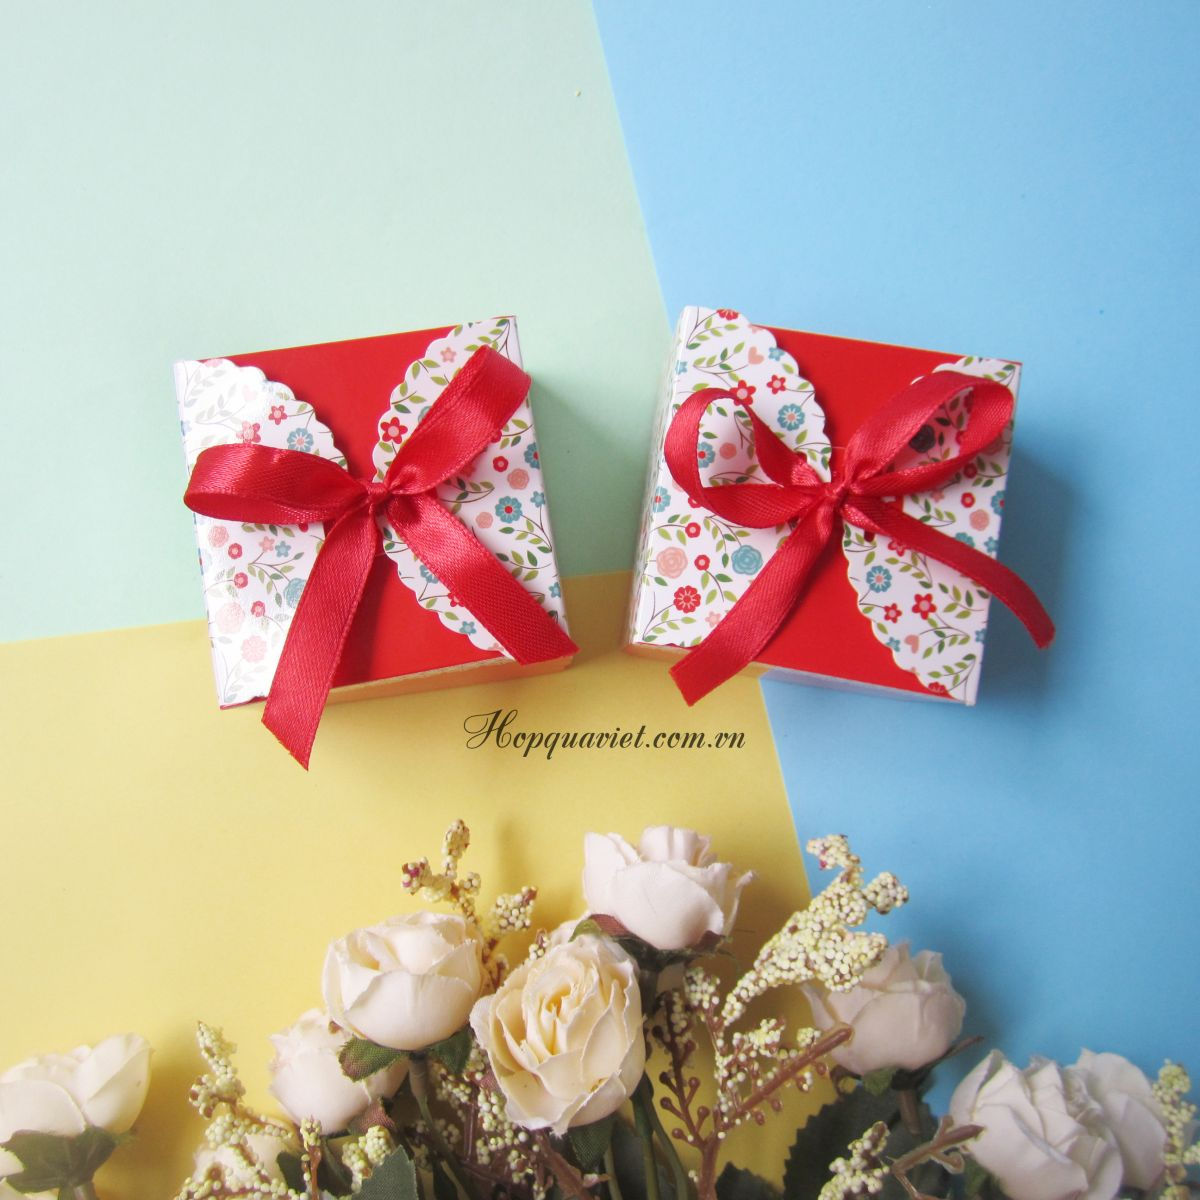 Hộp quà cưới vuông hoa đỏ 8D